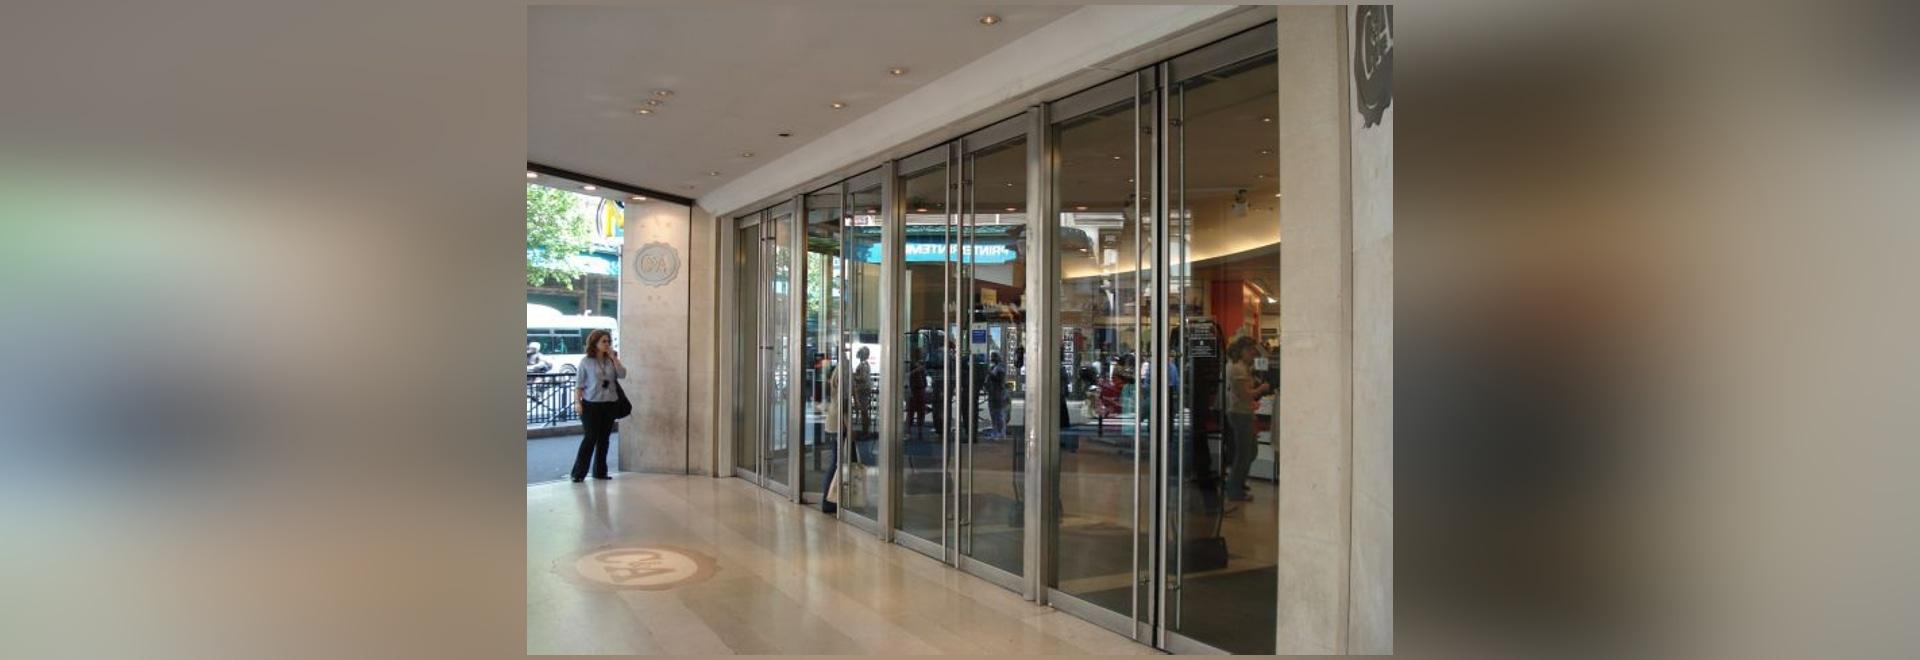 Awesome New Sliding Door By Bauporte Design Entrances Bv Bauporte Inspirational Interior Design Netriciaus